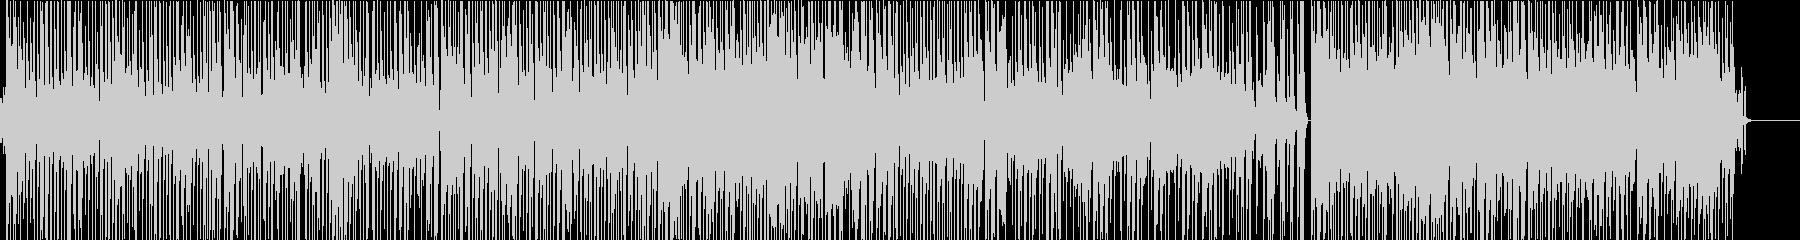 ファンクビートにパワフルなスラップベースの未再生の波形